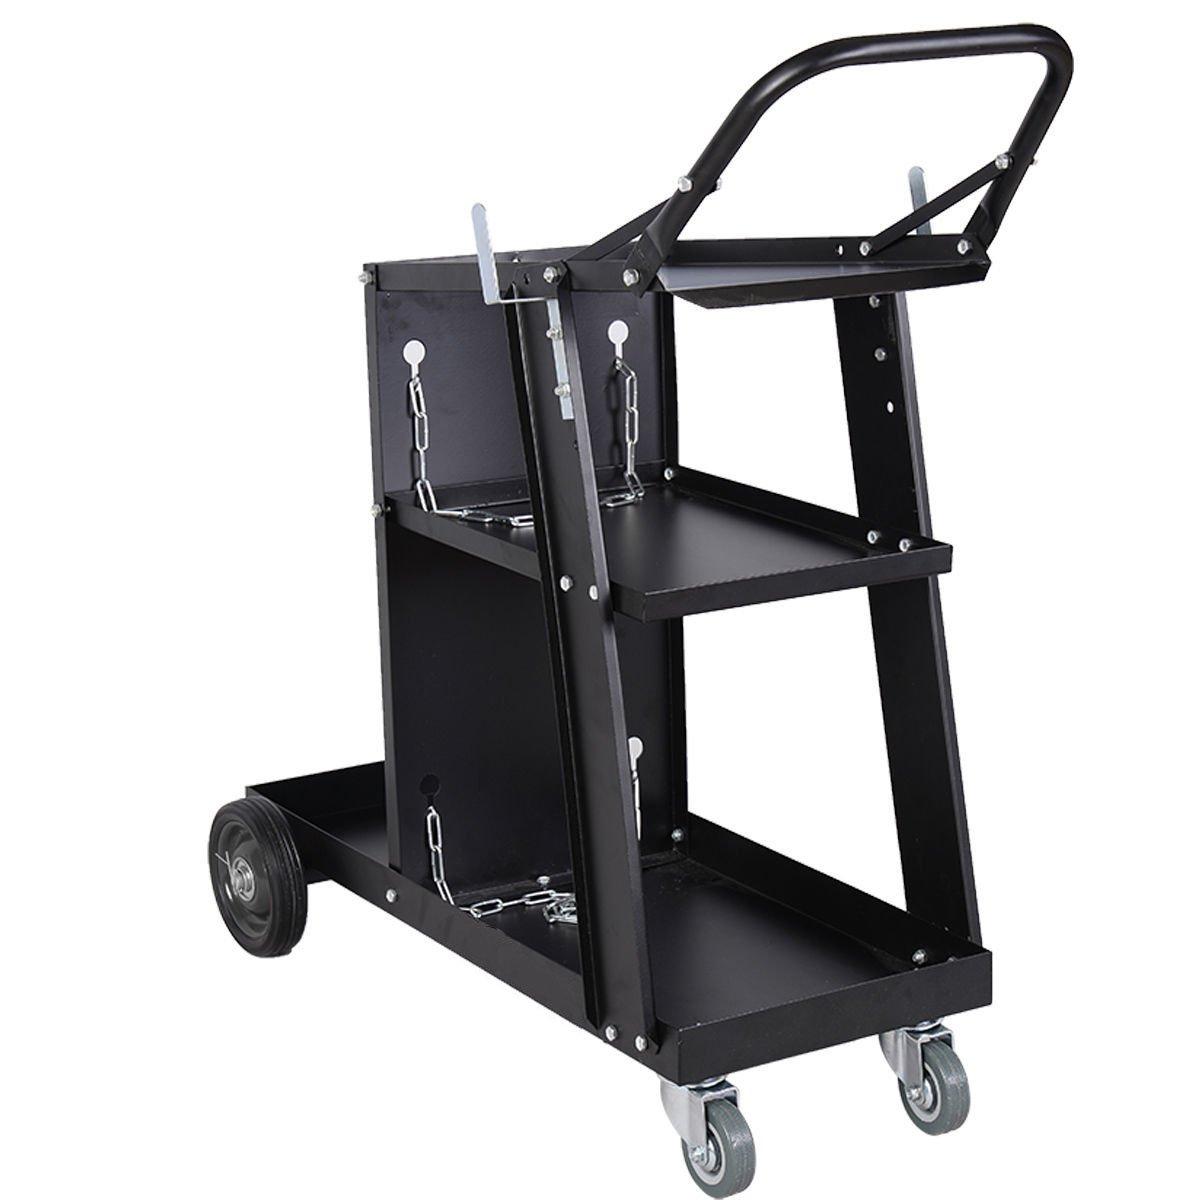 costway Universal carro para soldador Mig Tig Arc soldador con ruedas Plasma Cutters & Gas botellas para tanques de almacenamiento (negro): Amazon.es: ...